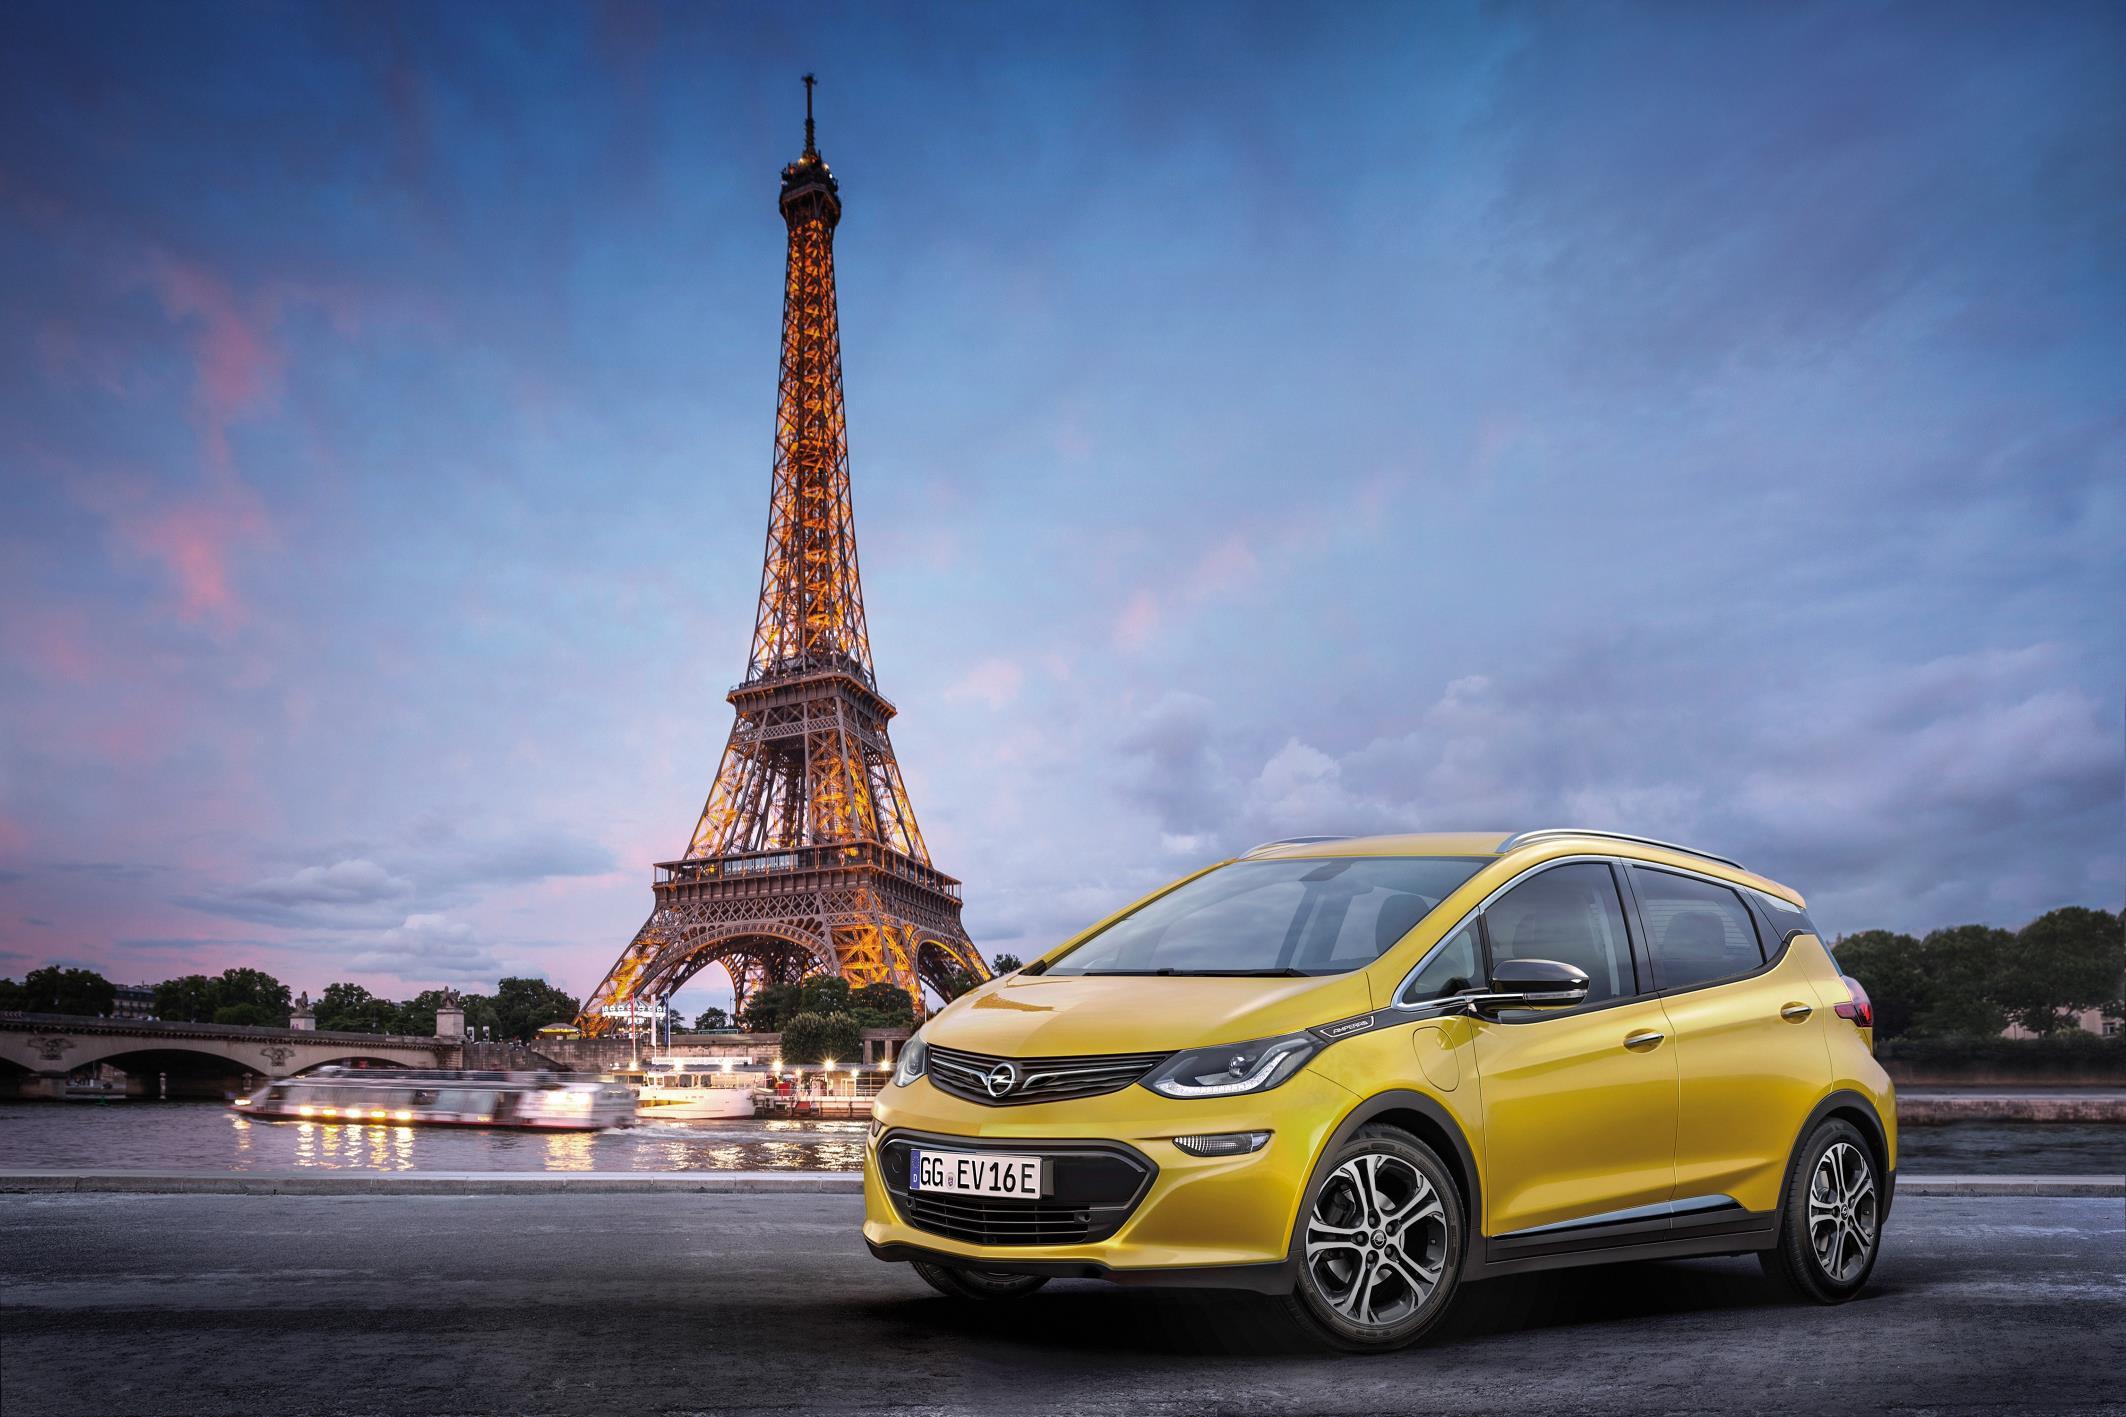 Opel mostrará el nuevo Ampera-e en el Salón del Automóvil de París